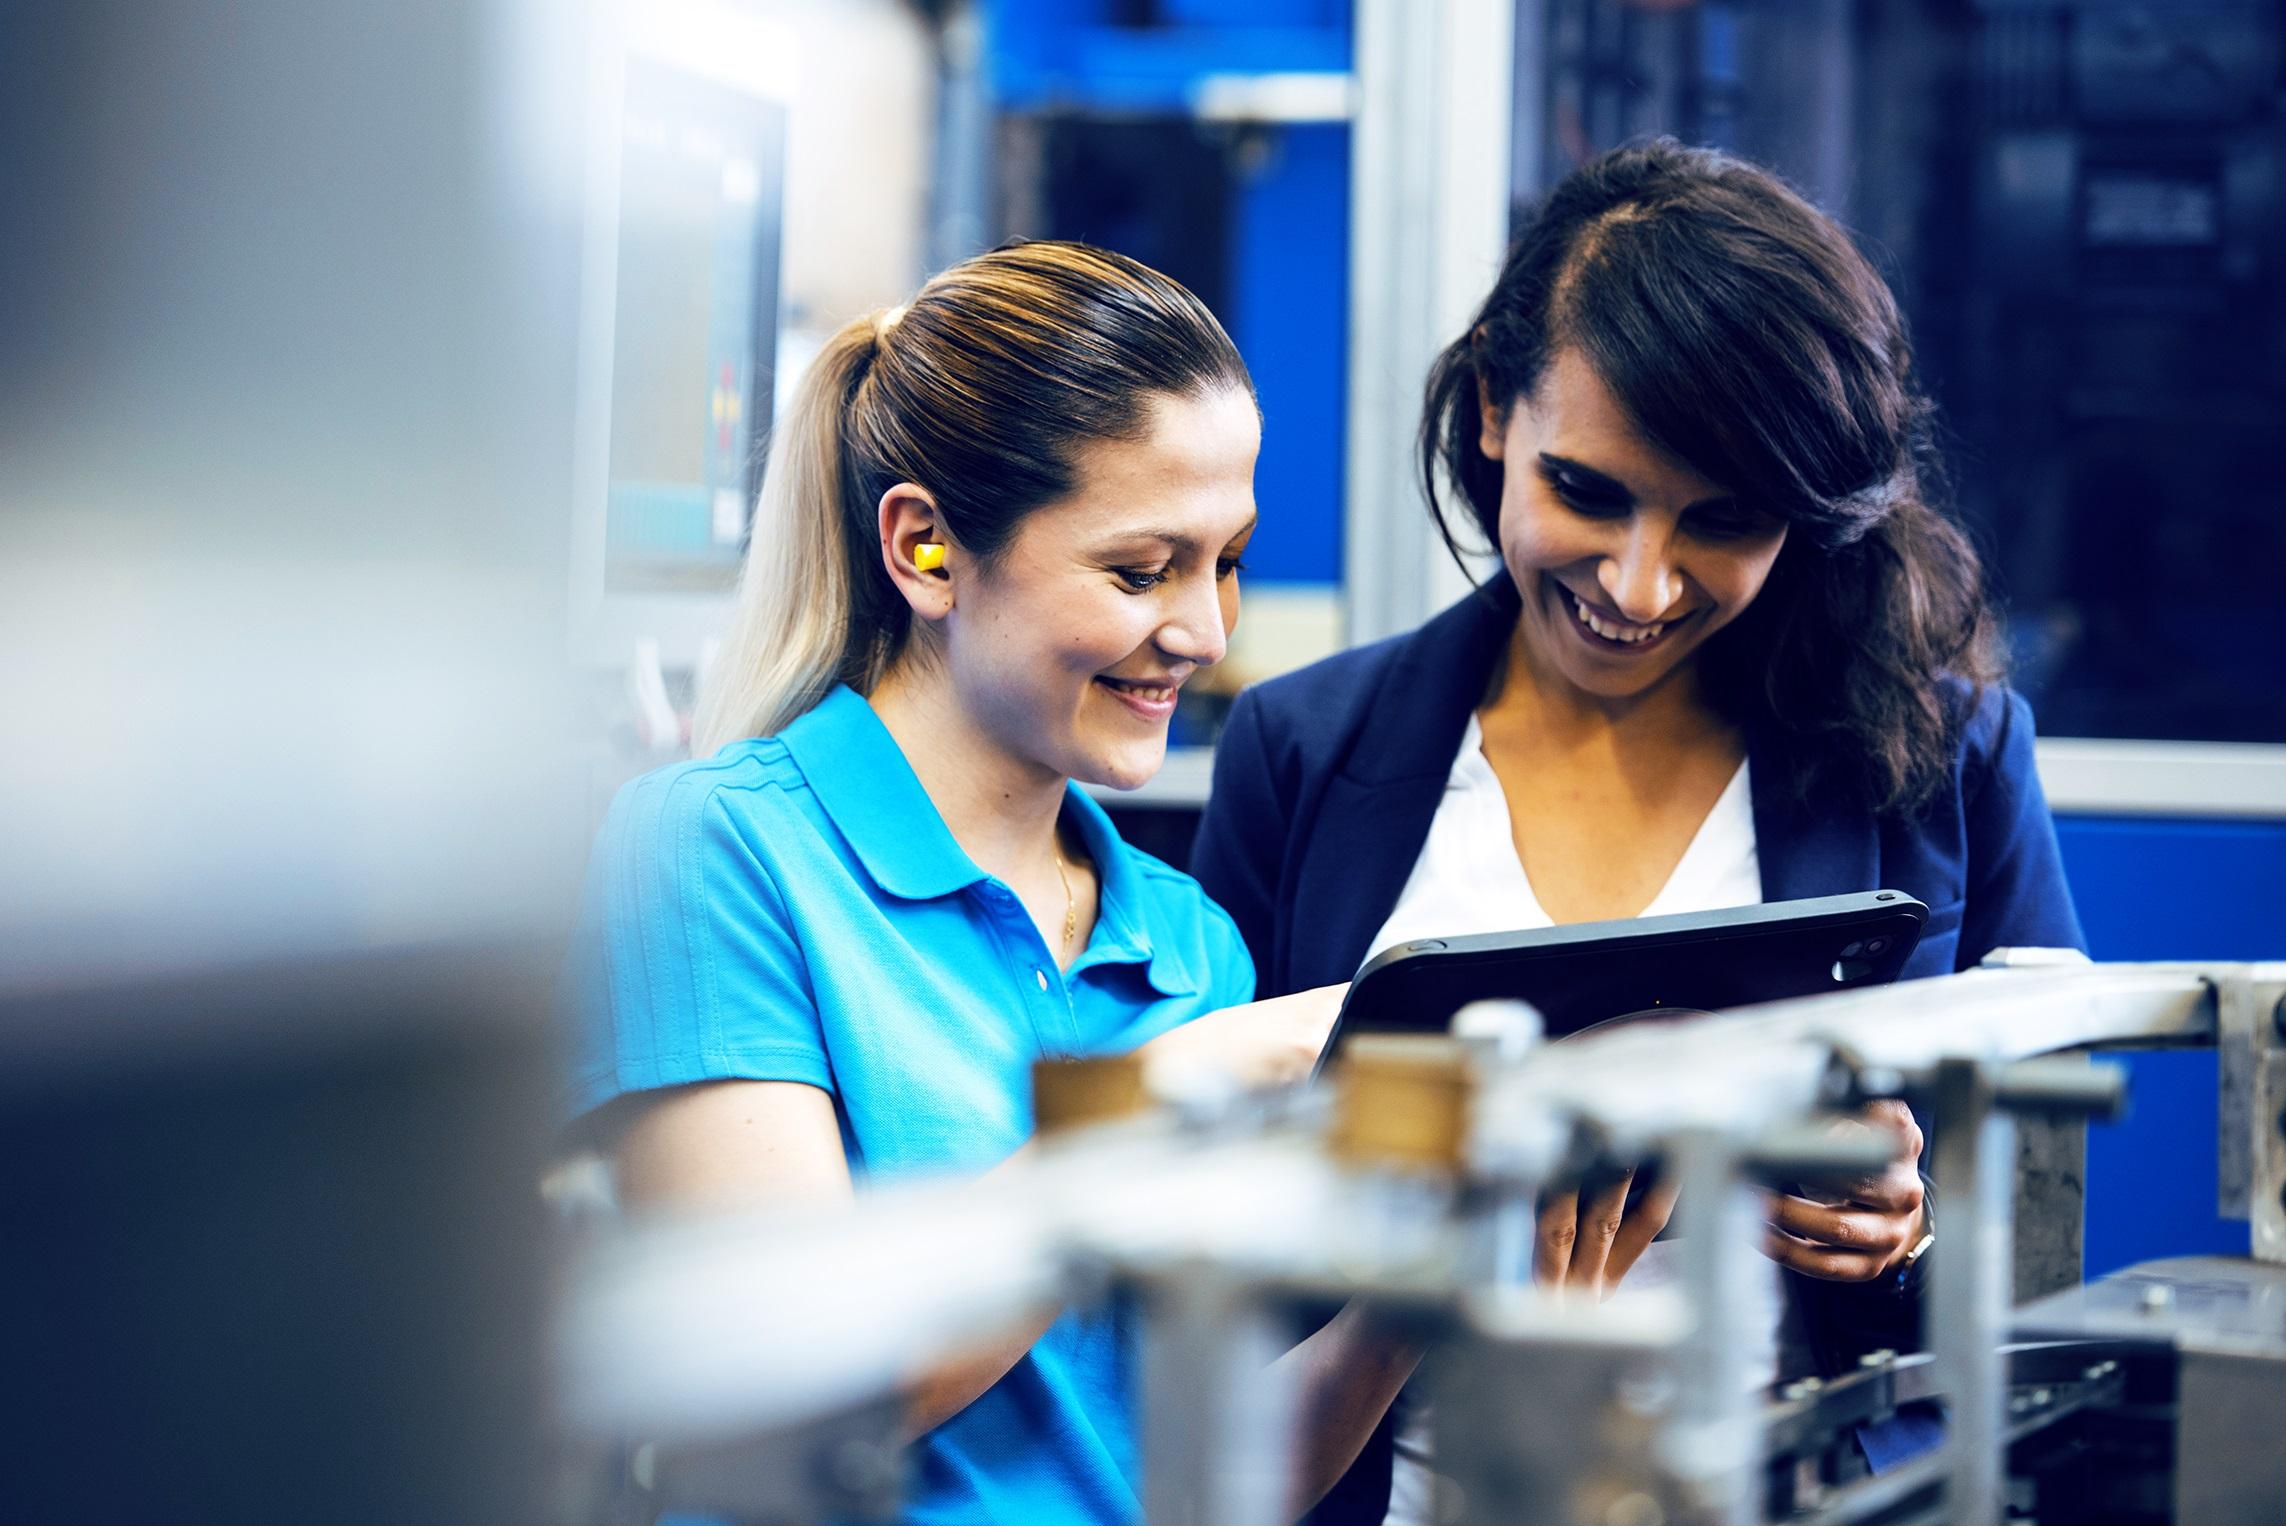 Frauen in technischen Berufen: mit gezielter Unterstützung kommt man weiter